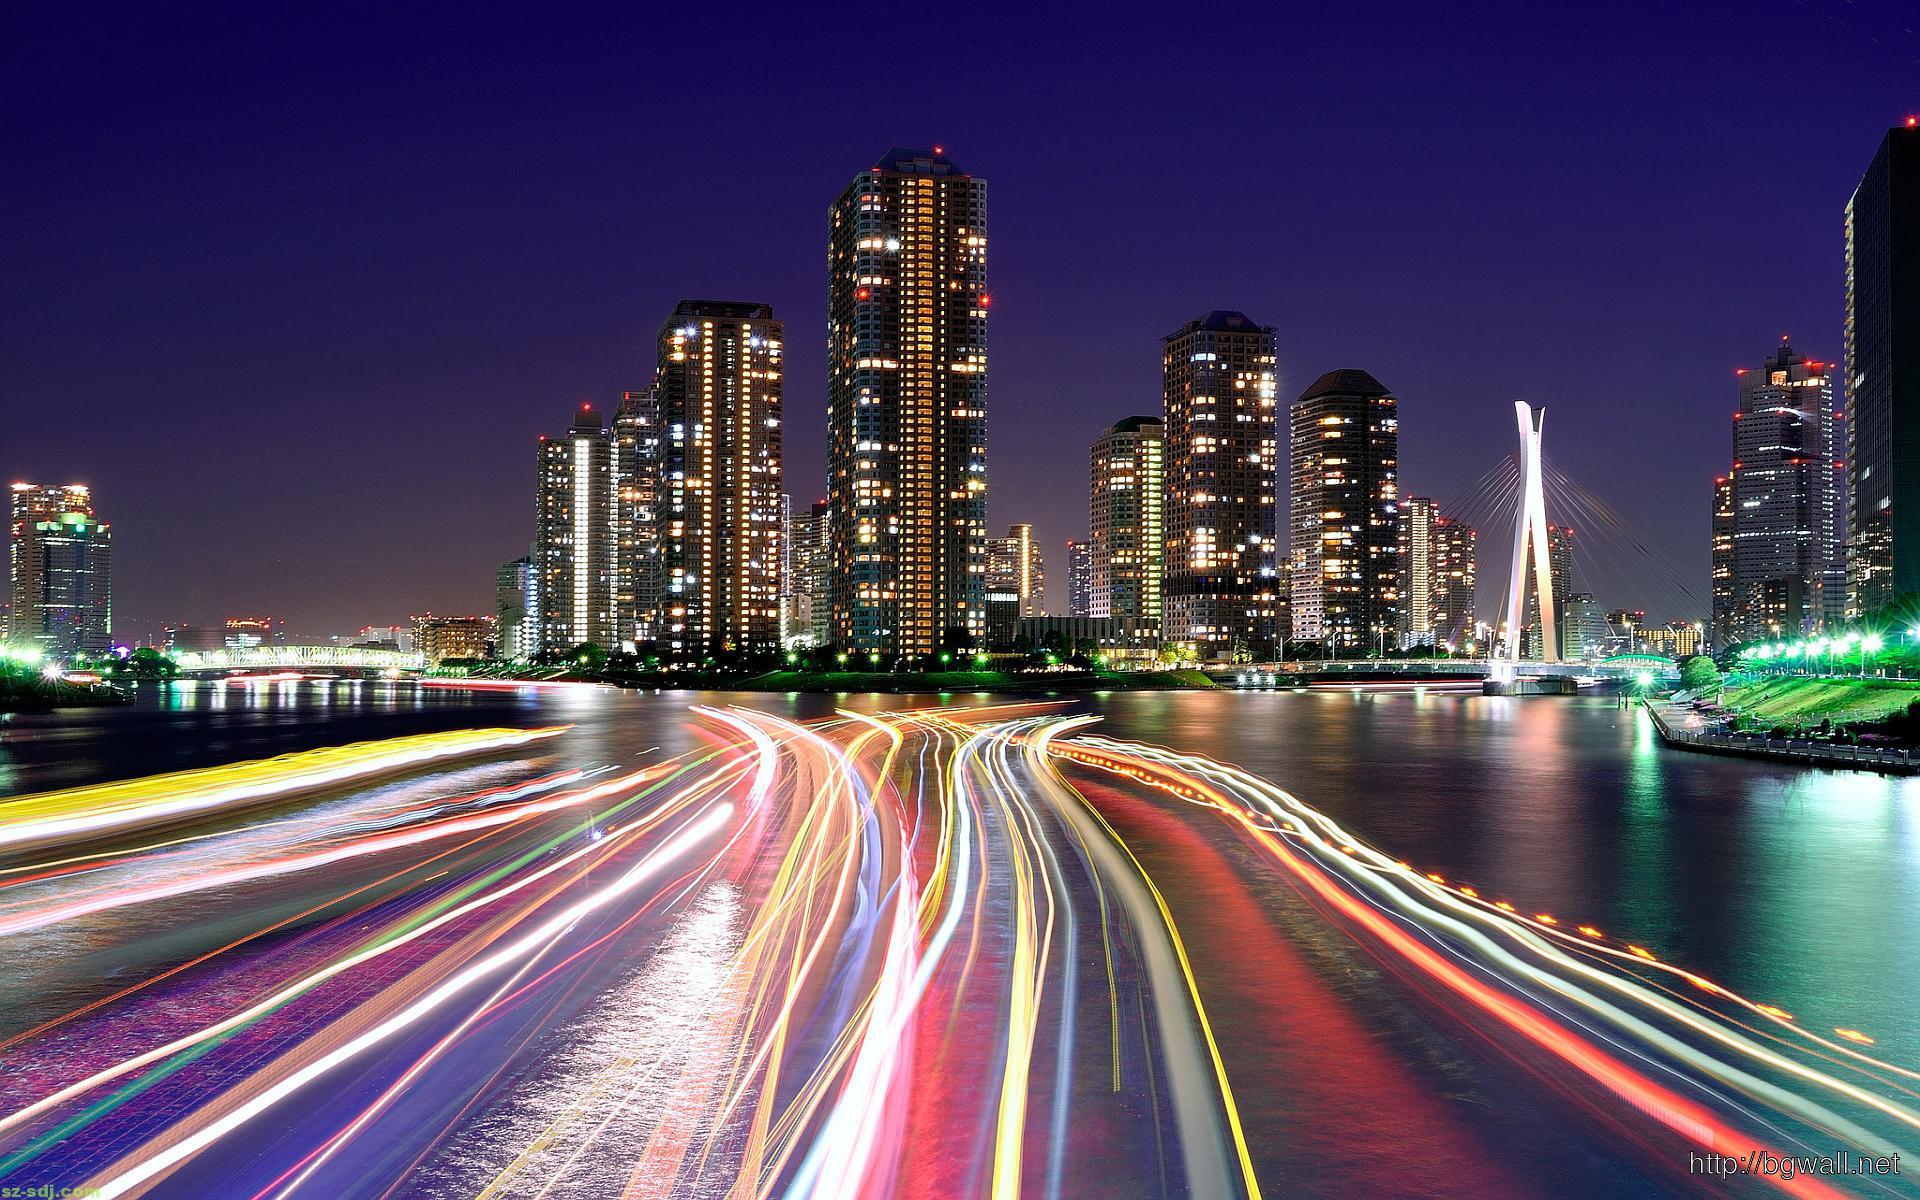 city-light-tokyo-night-wallpaper-hd